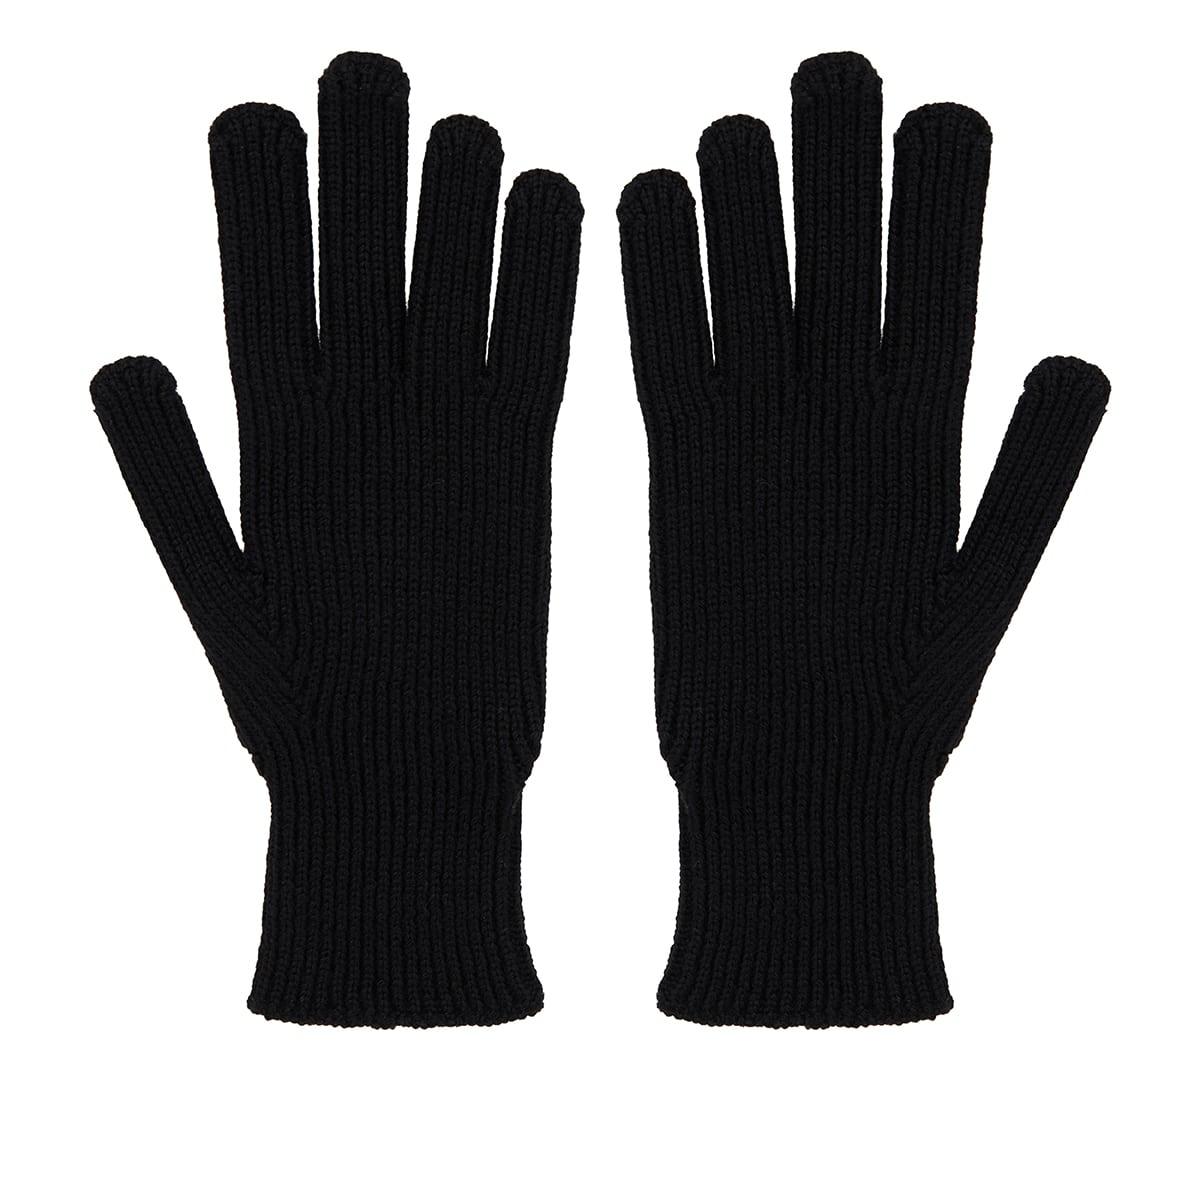 Rib-knit wool gloves